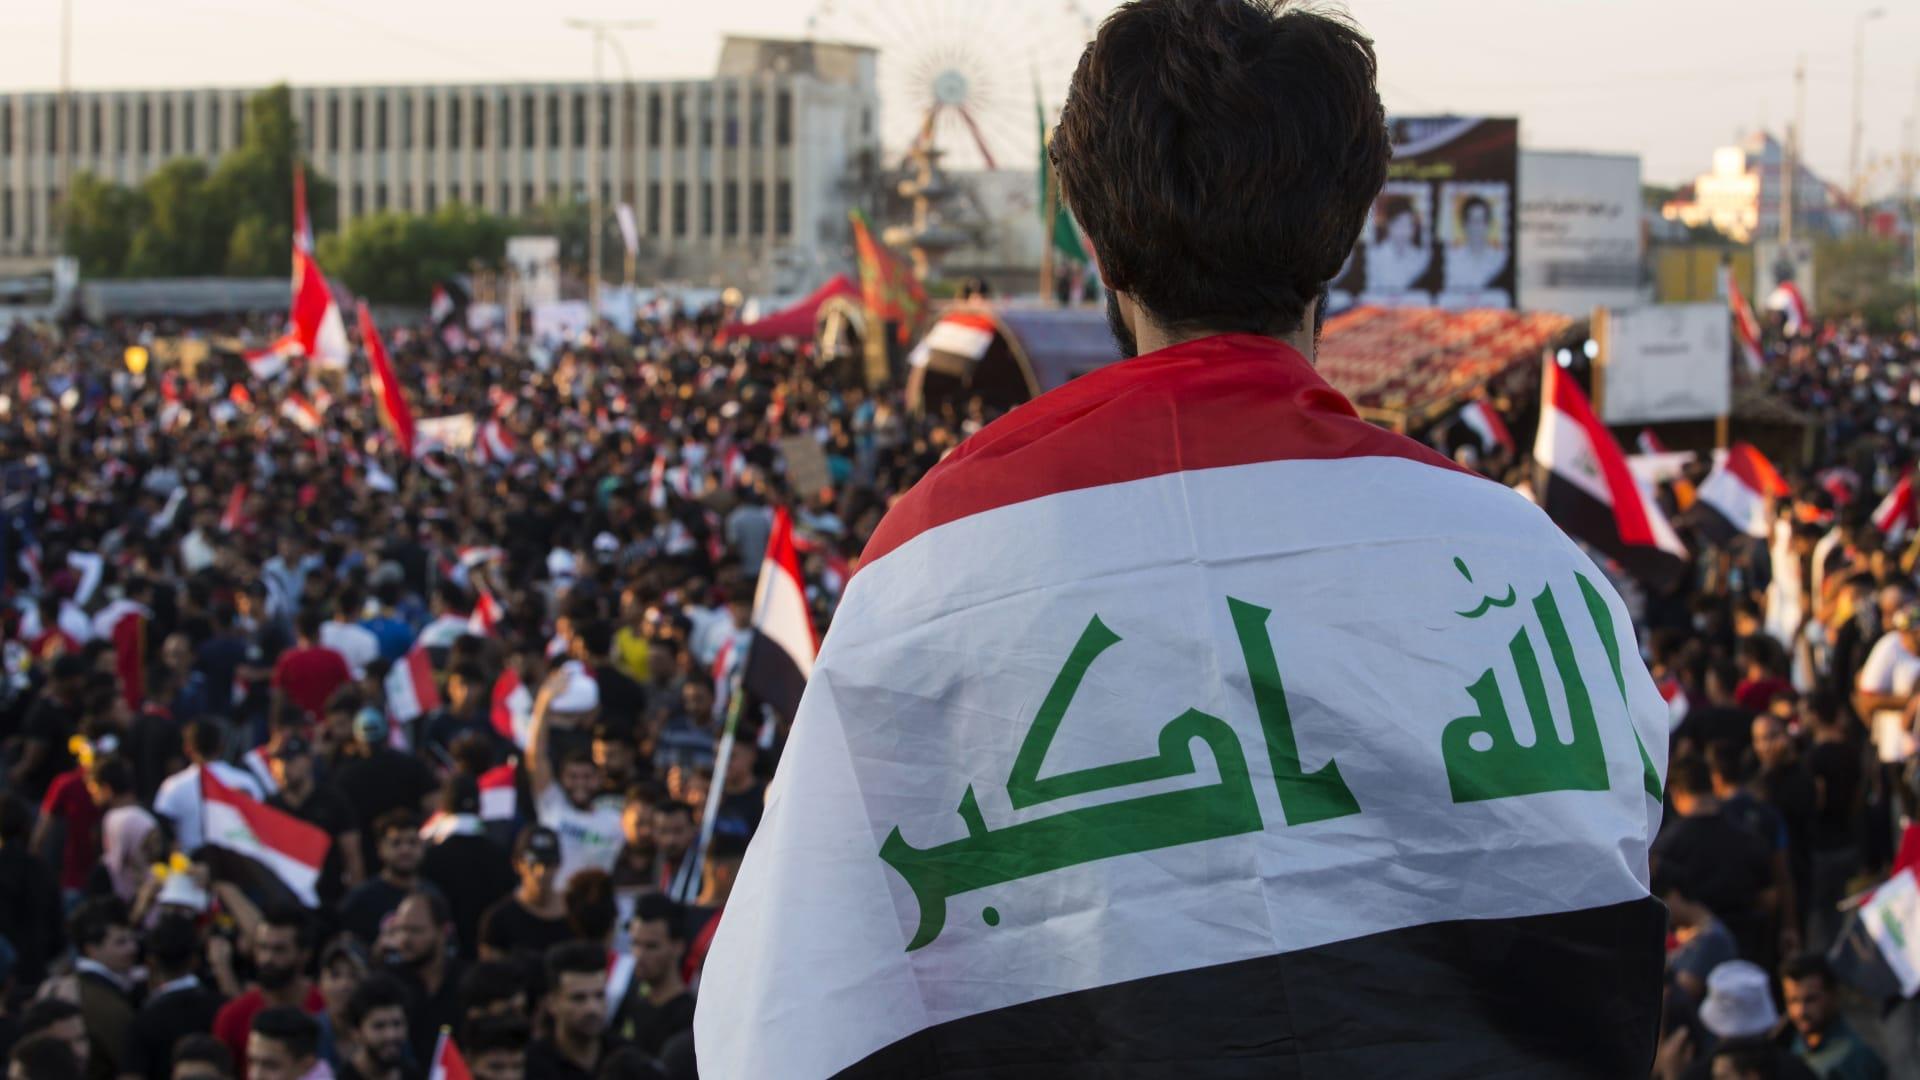 العراق يكشف عن تمثالين آشوريين لاستعادة التراث الثقافي